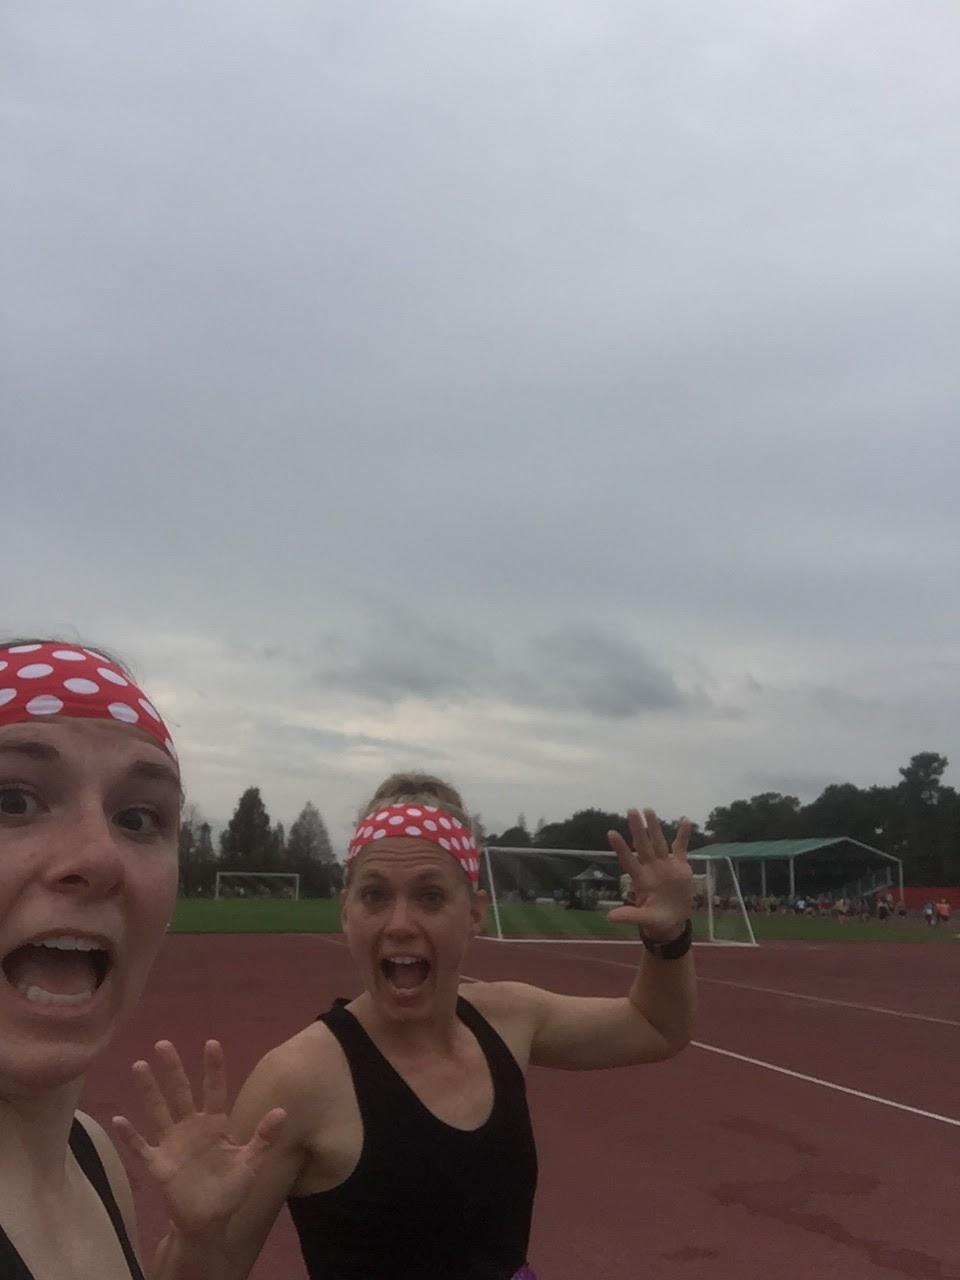 Dopey Challenge Mickey Marathon 2016 Running around the track